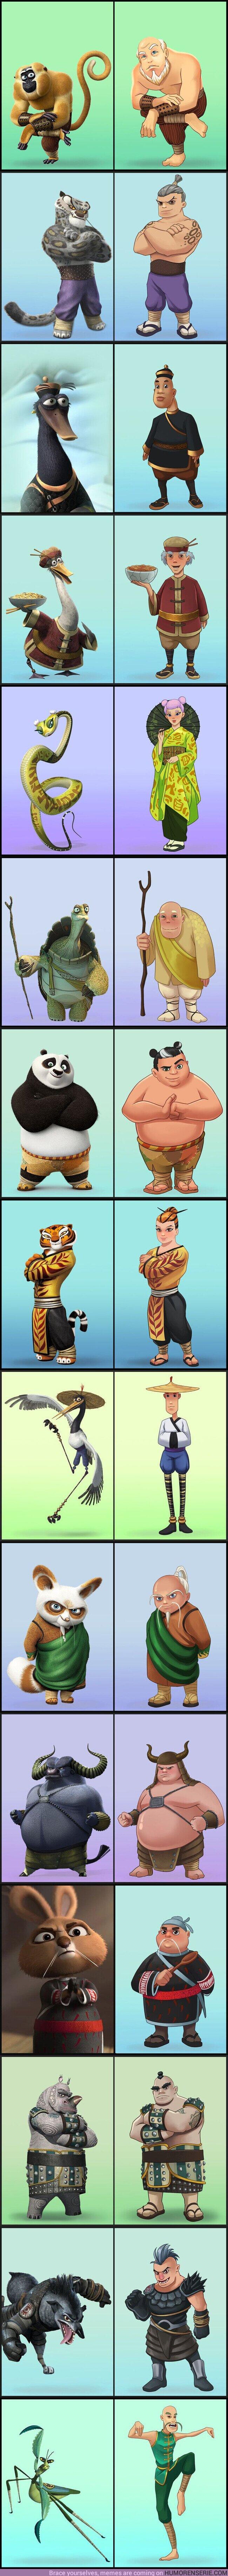 """69583 - GALERÍA: Quisimos ver cómo serían los personajes de """"Kung Fu Panda"""" como humanos y aquí están los resultados"""